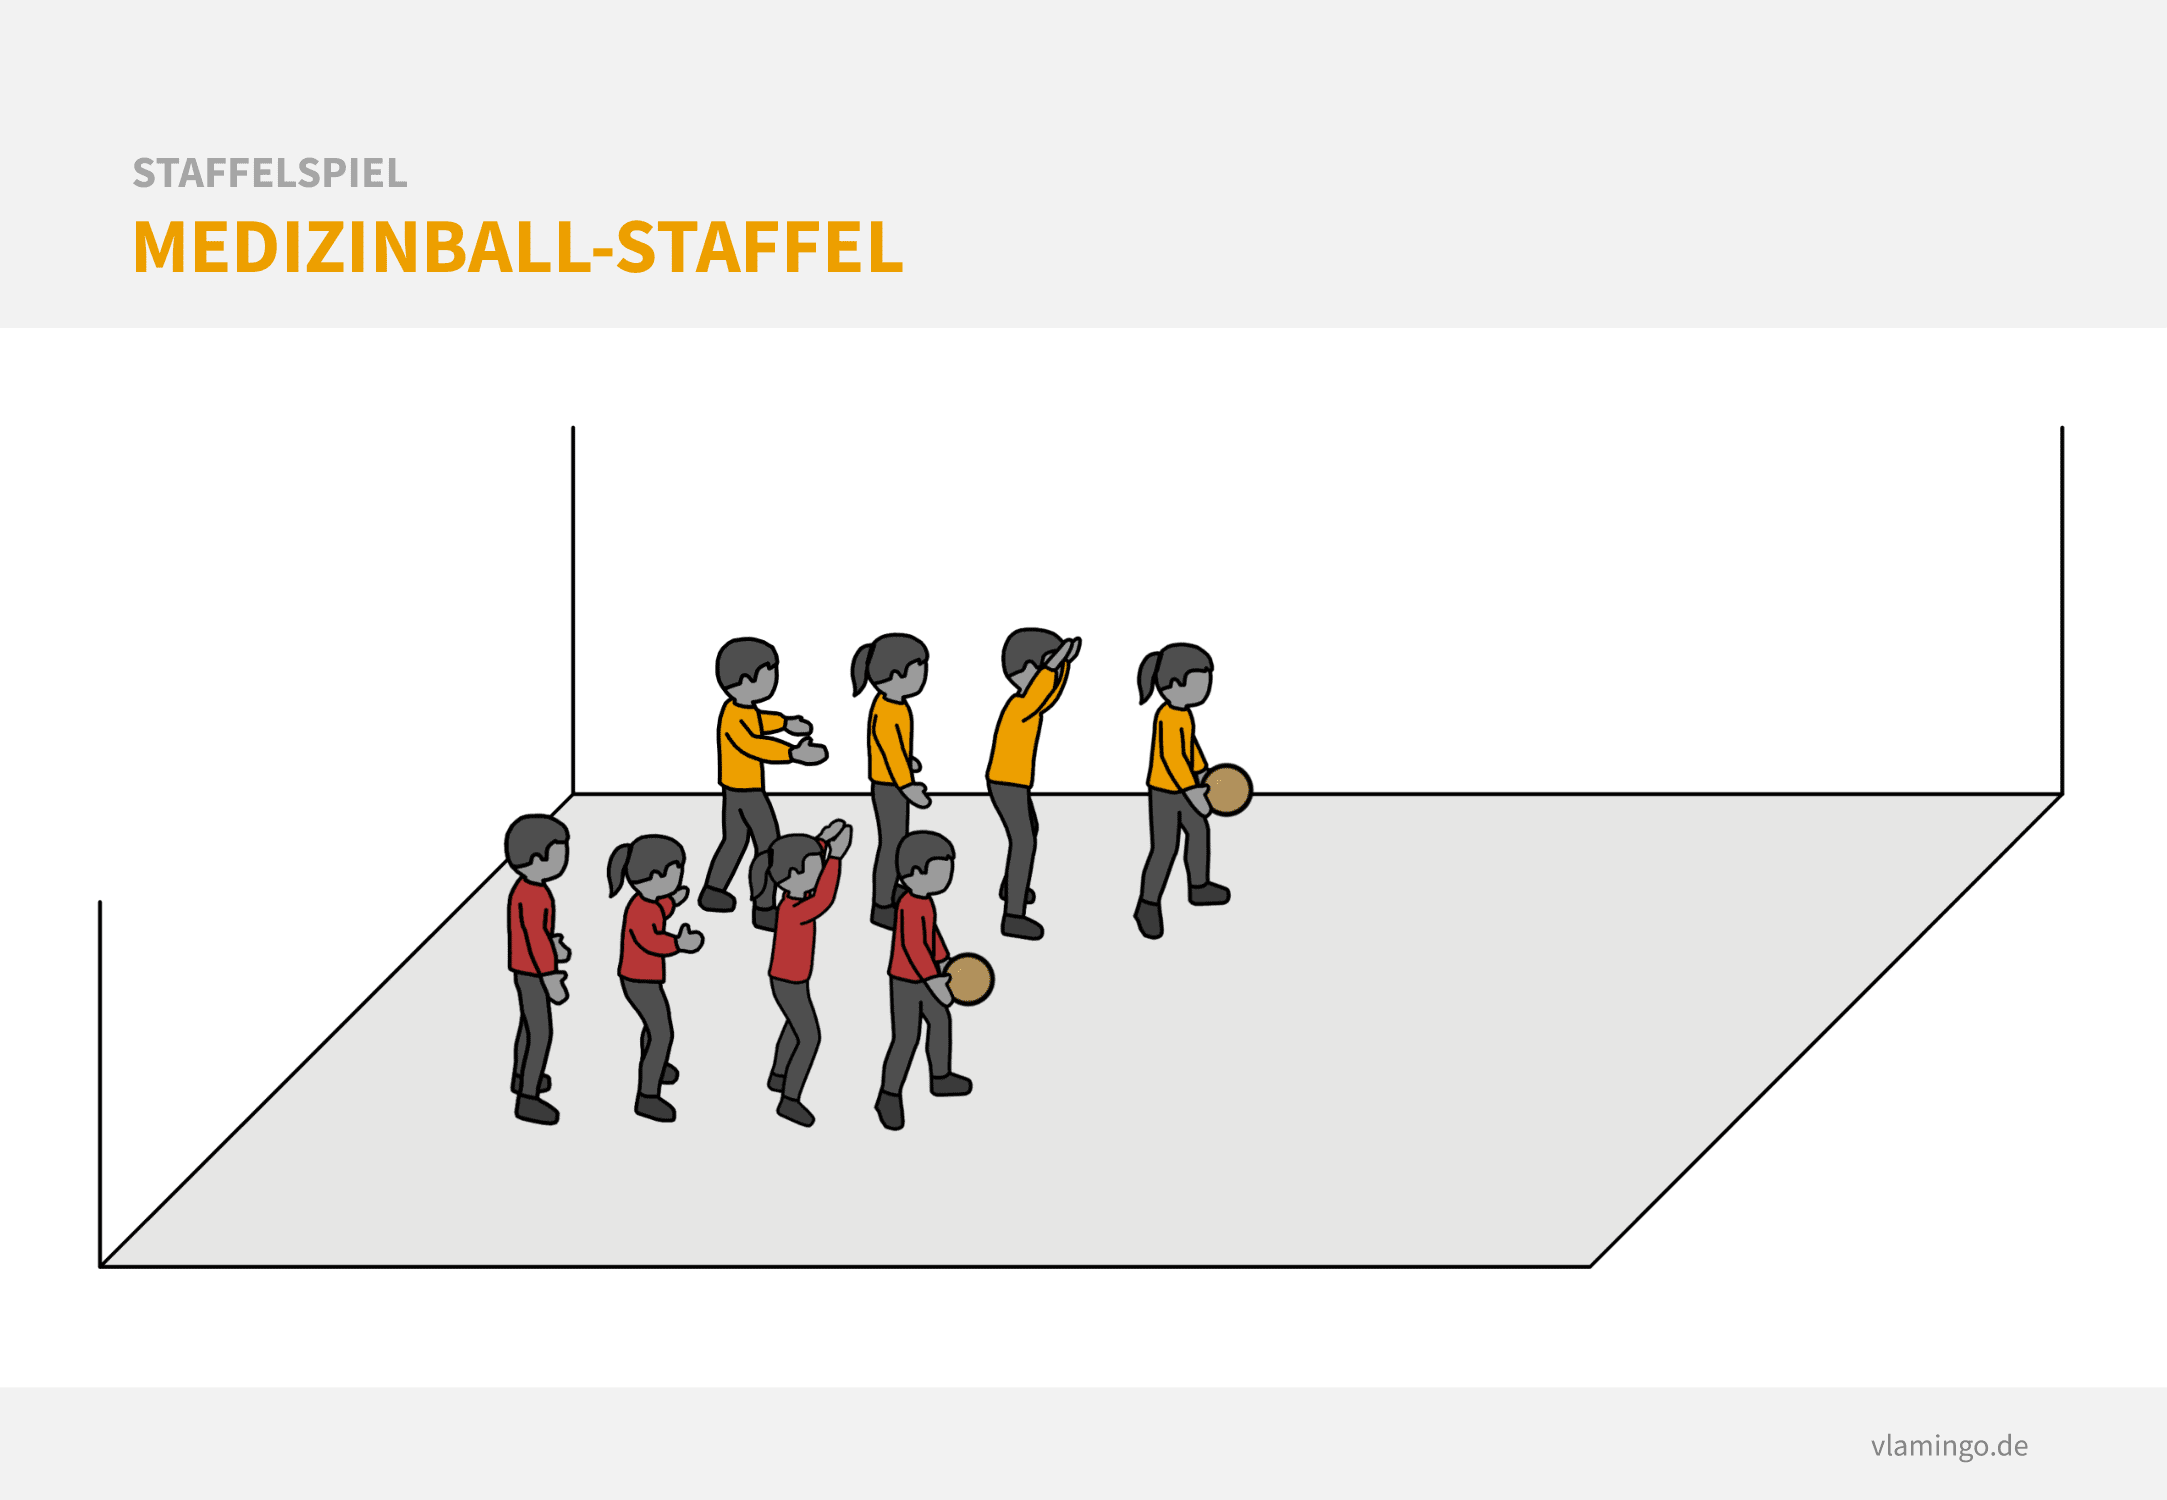 Staffelspiel - Medizinball-Staffel